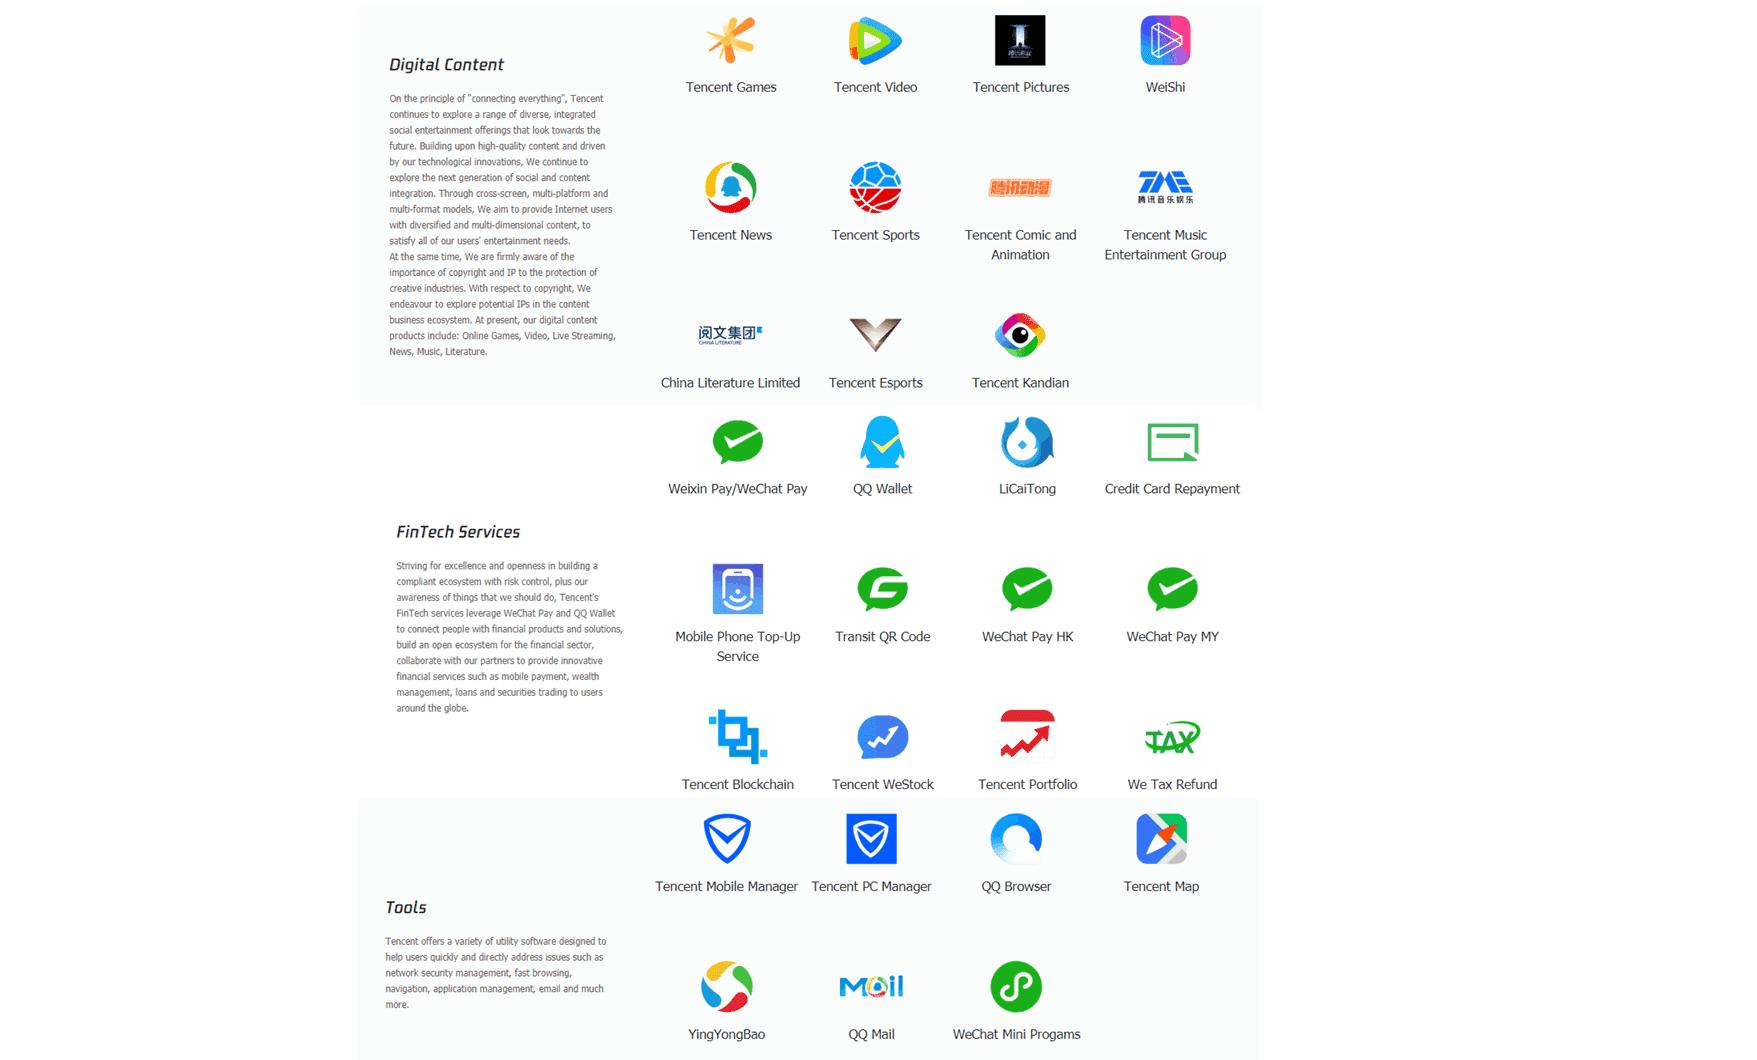 Tencent Digital Content